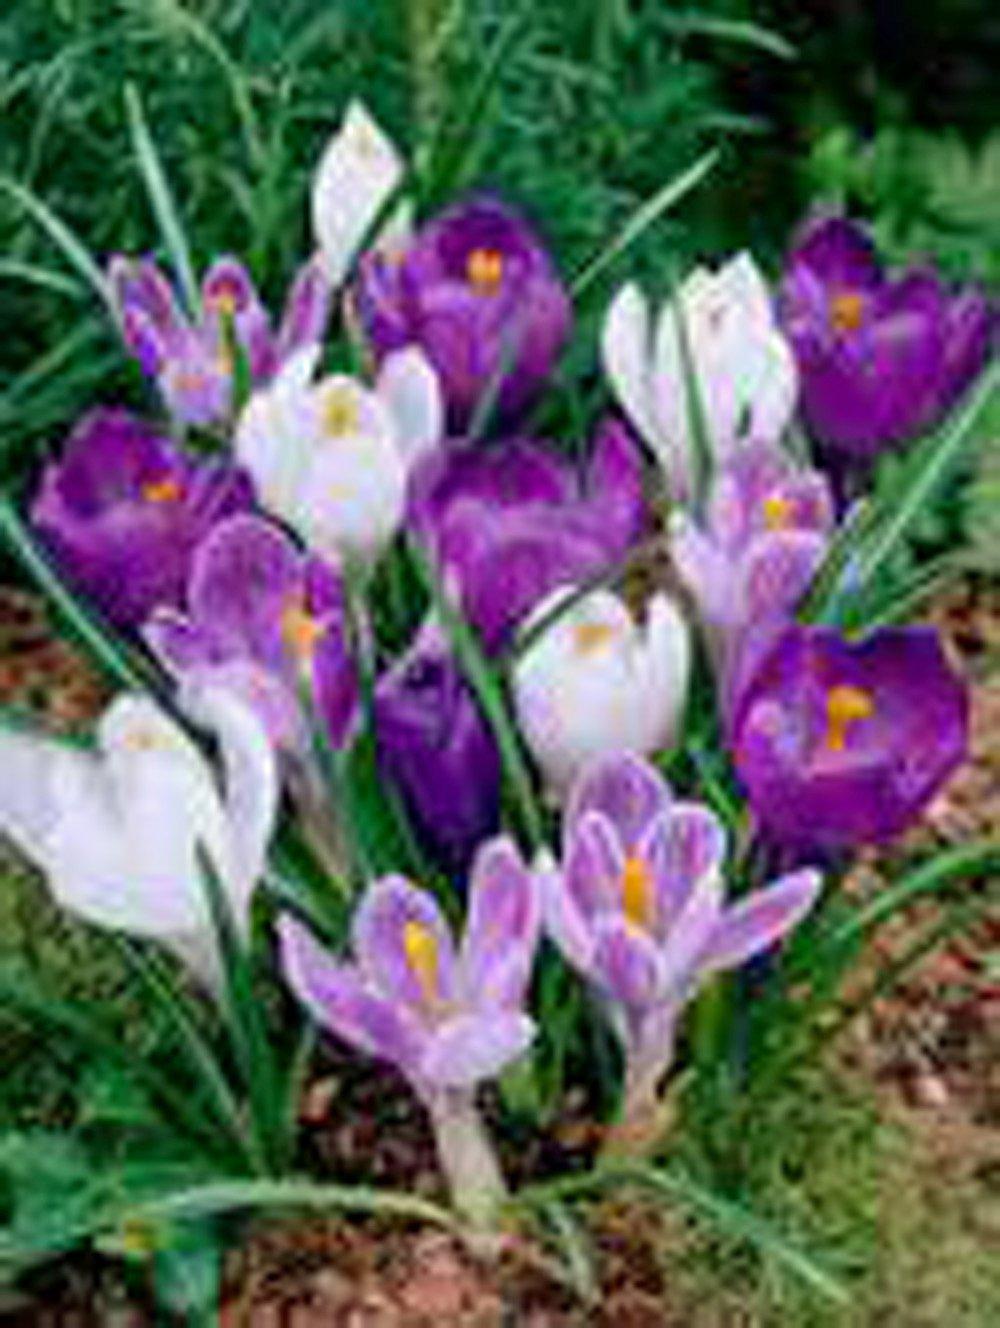 Bulbs 10 Pack Purple White Perennial Crocus Bulbs Mix Blue White Caps Crocus